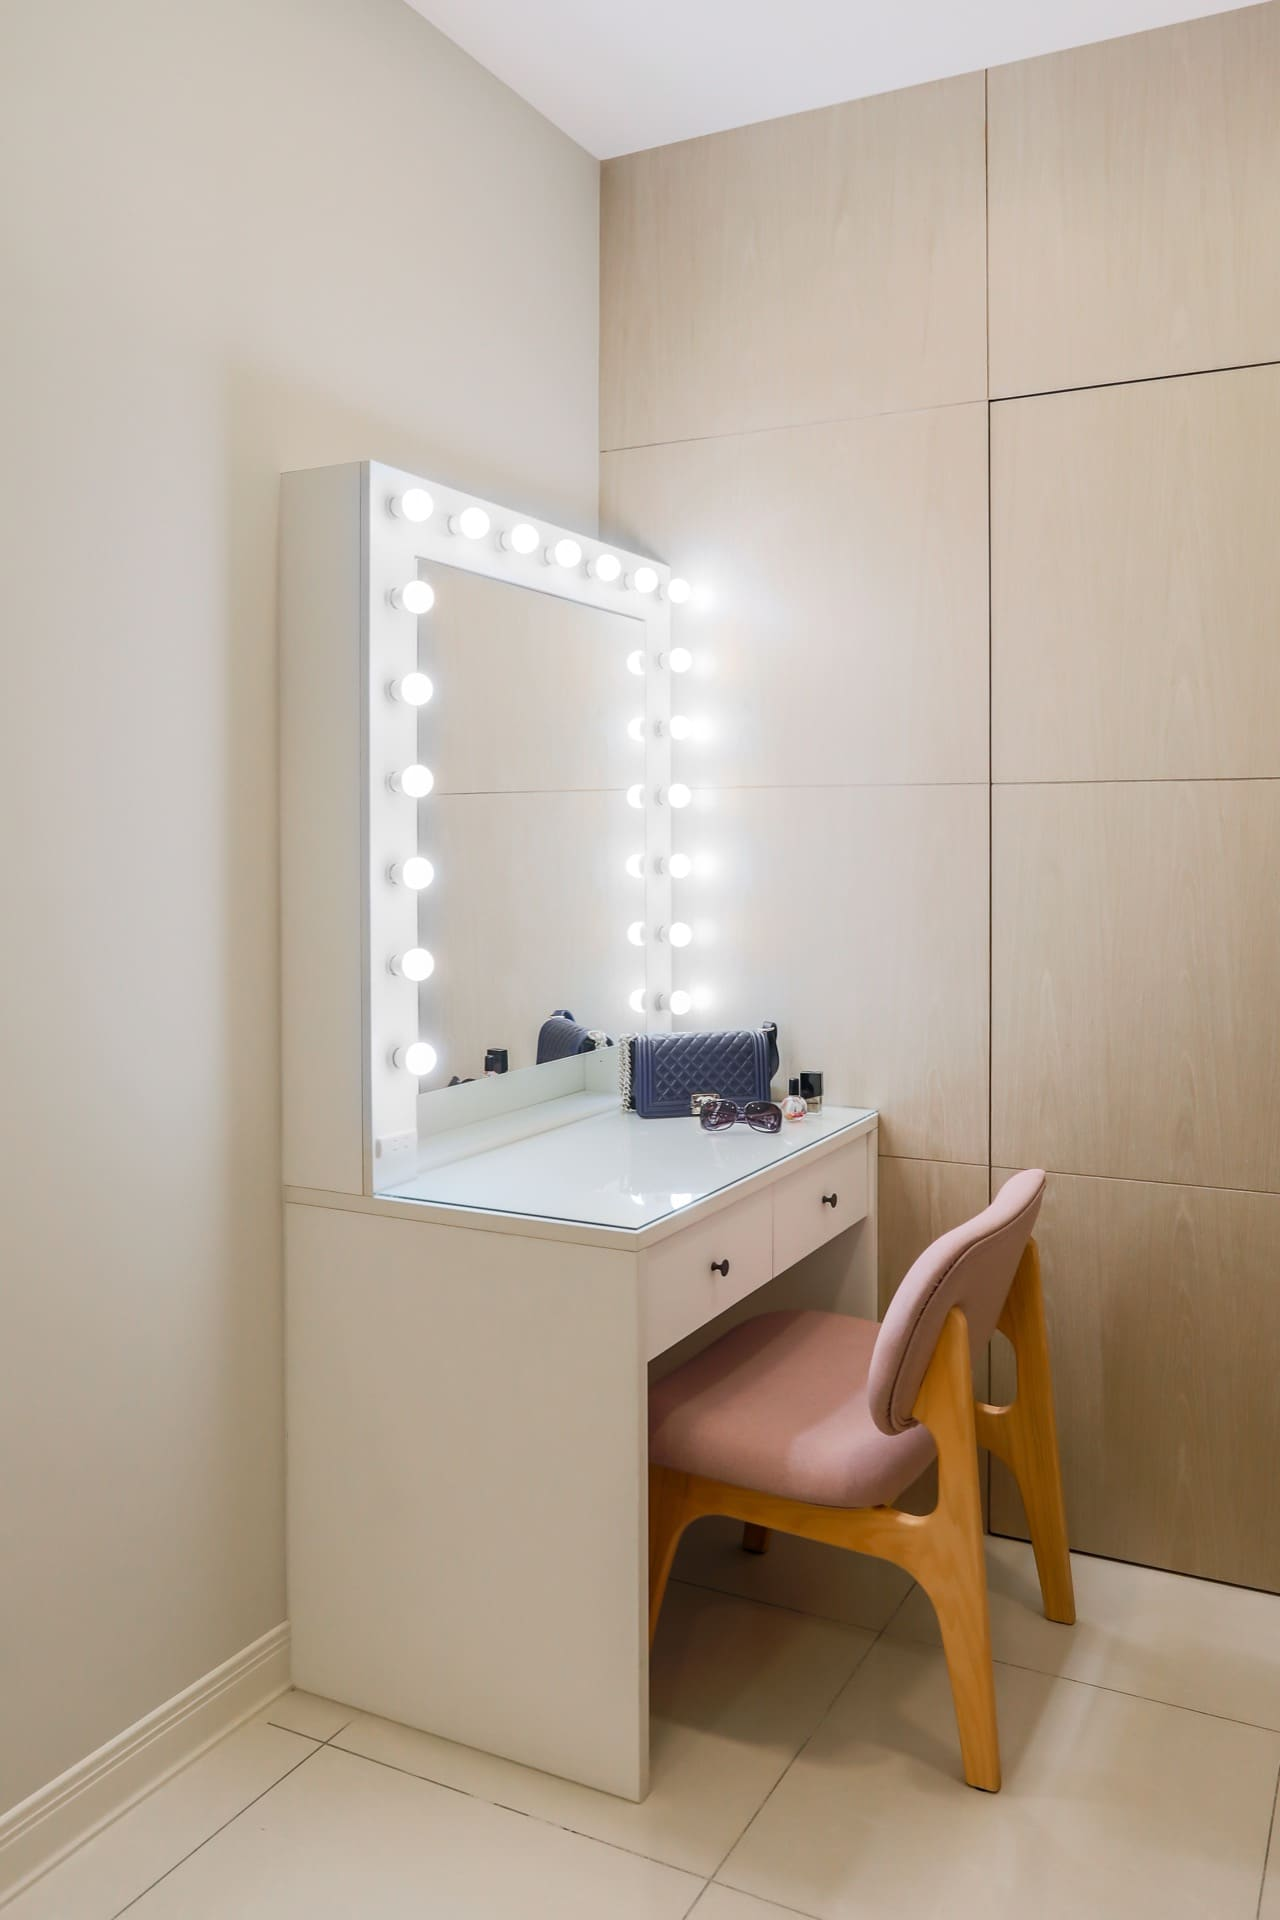 彷彿明星專屬使用的化妝台,白光與黃光燈泡可依需求更換